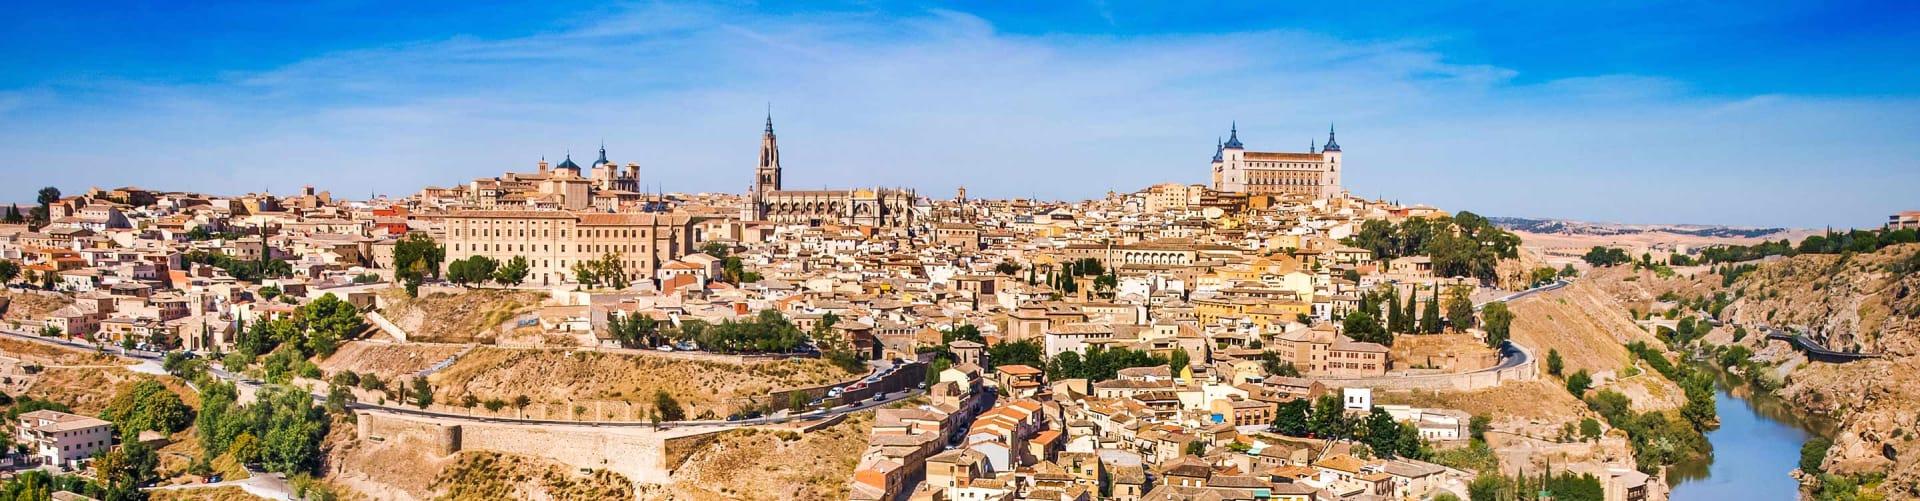 Oportunidades Liberbank en viviendas con descuentos en Toledo